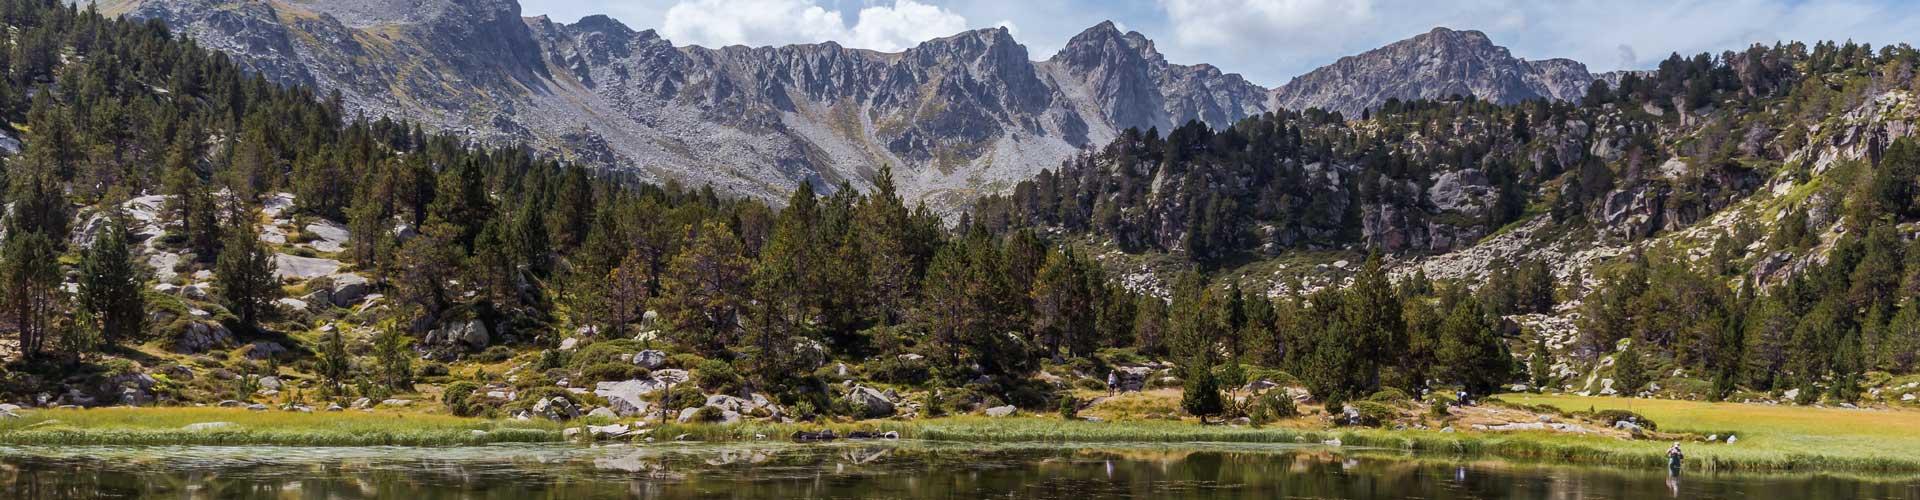 Andorra: Hike, Bike & Raft